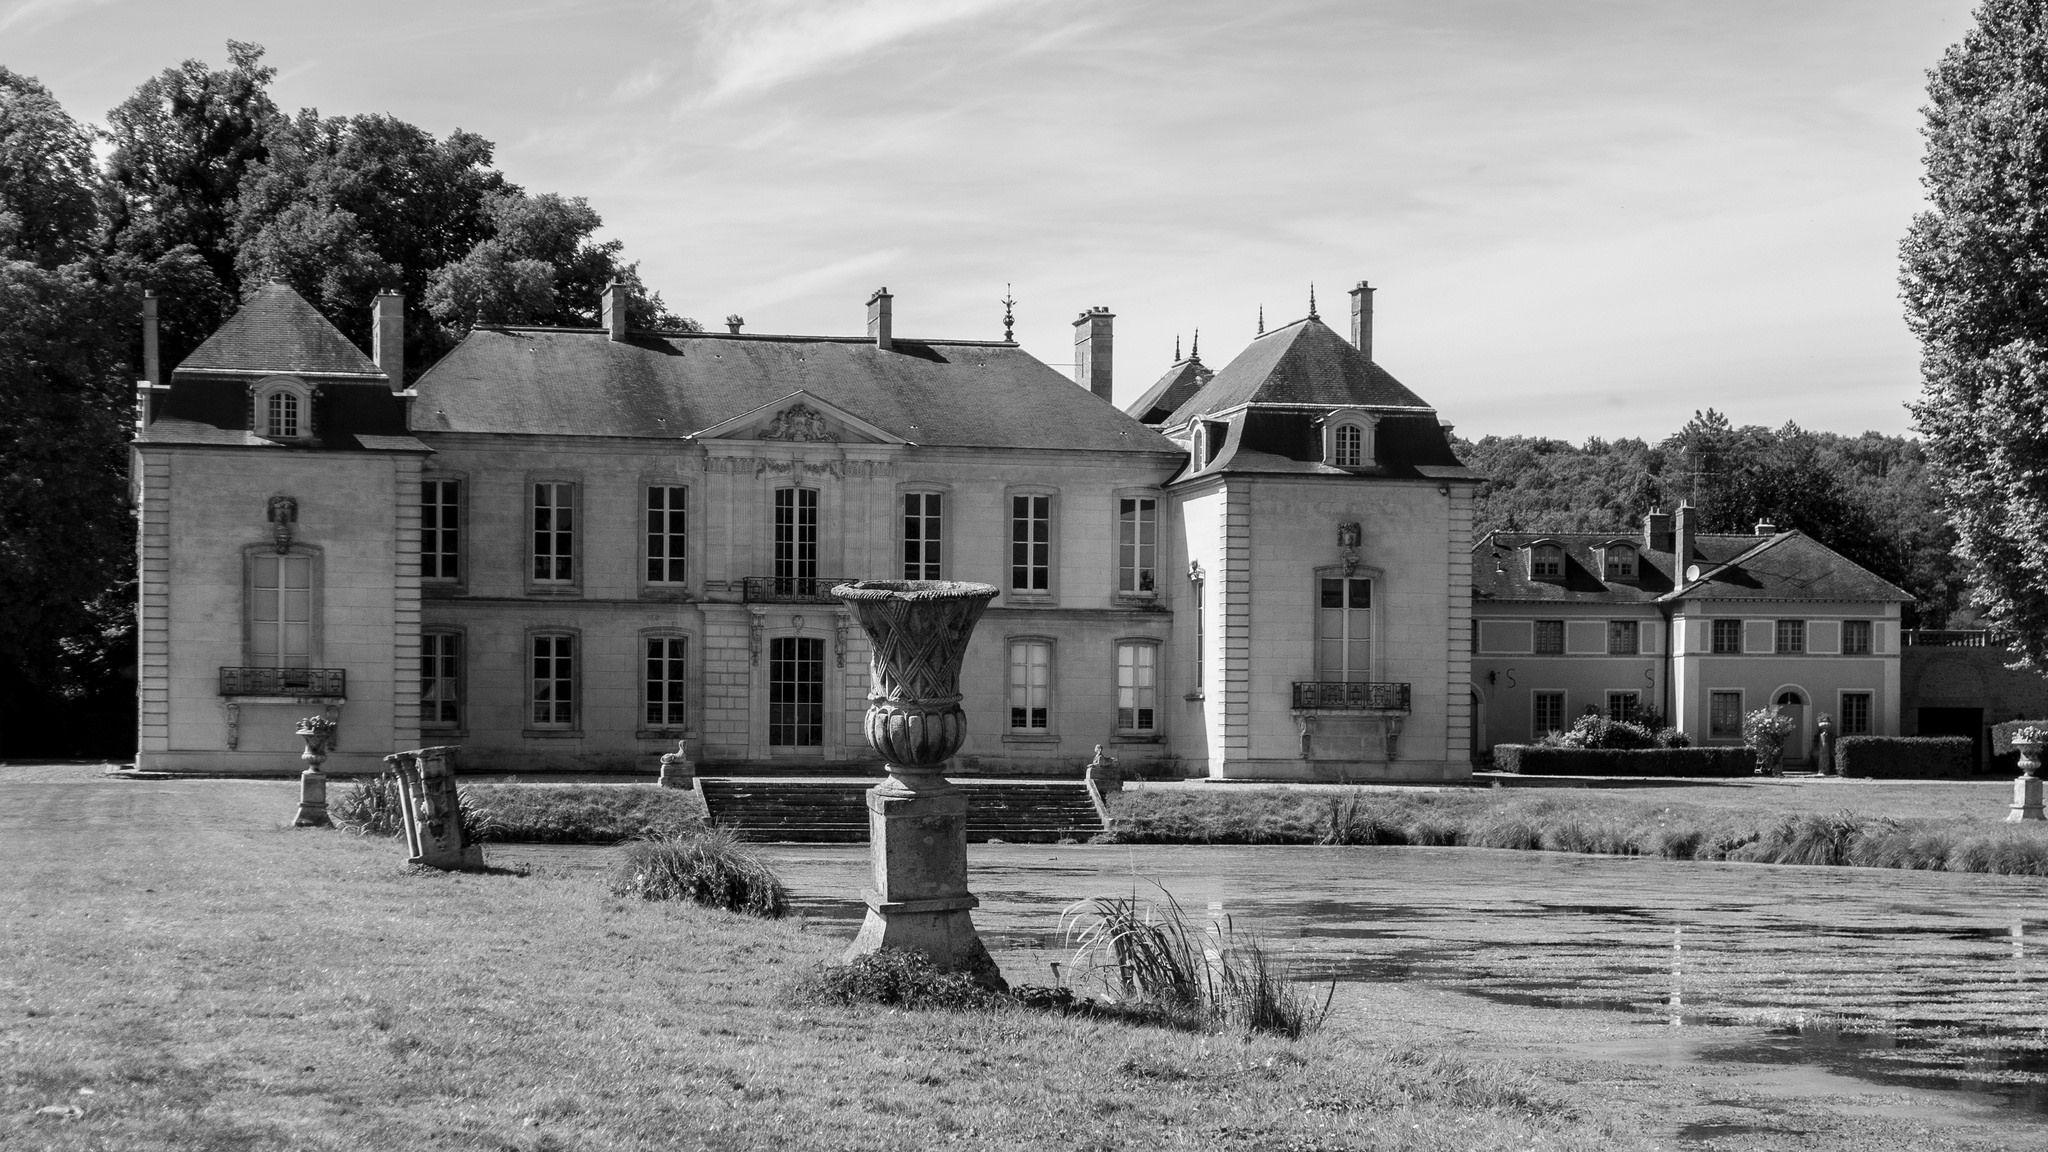 Elegant Https://flic.kr/p/Lacbdy | Château De Jeurre,